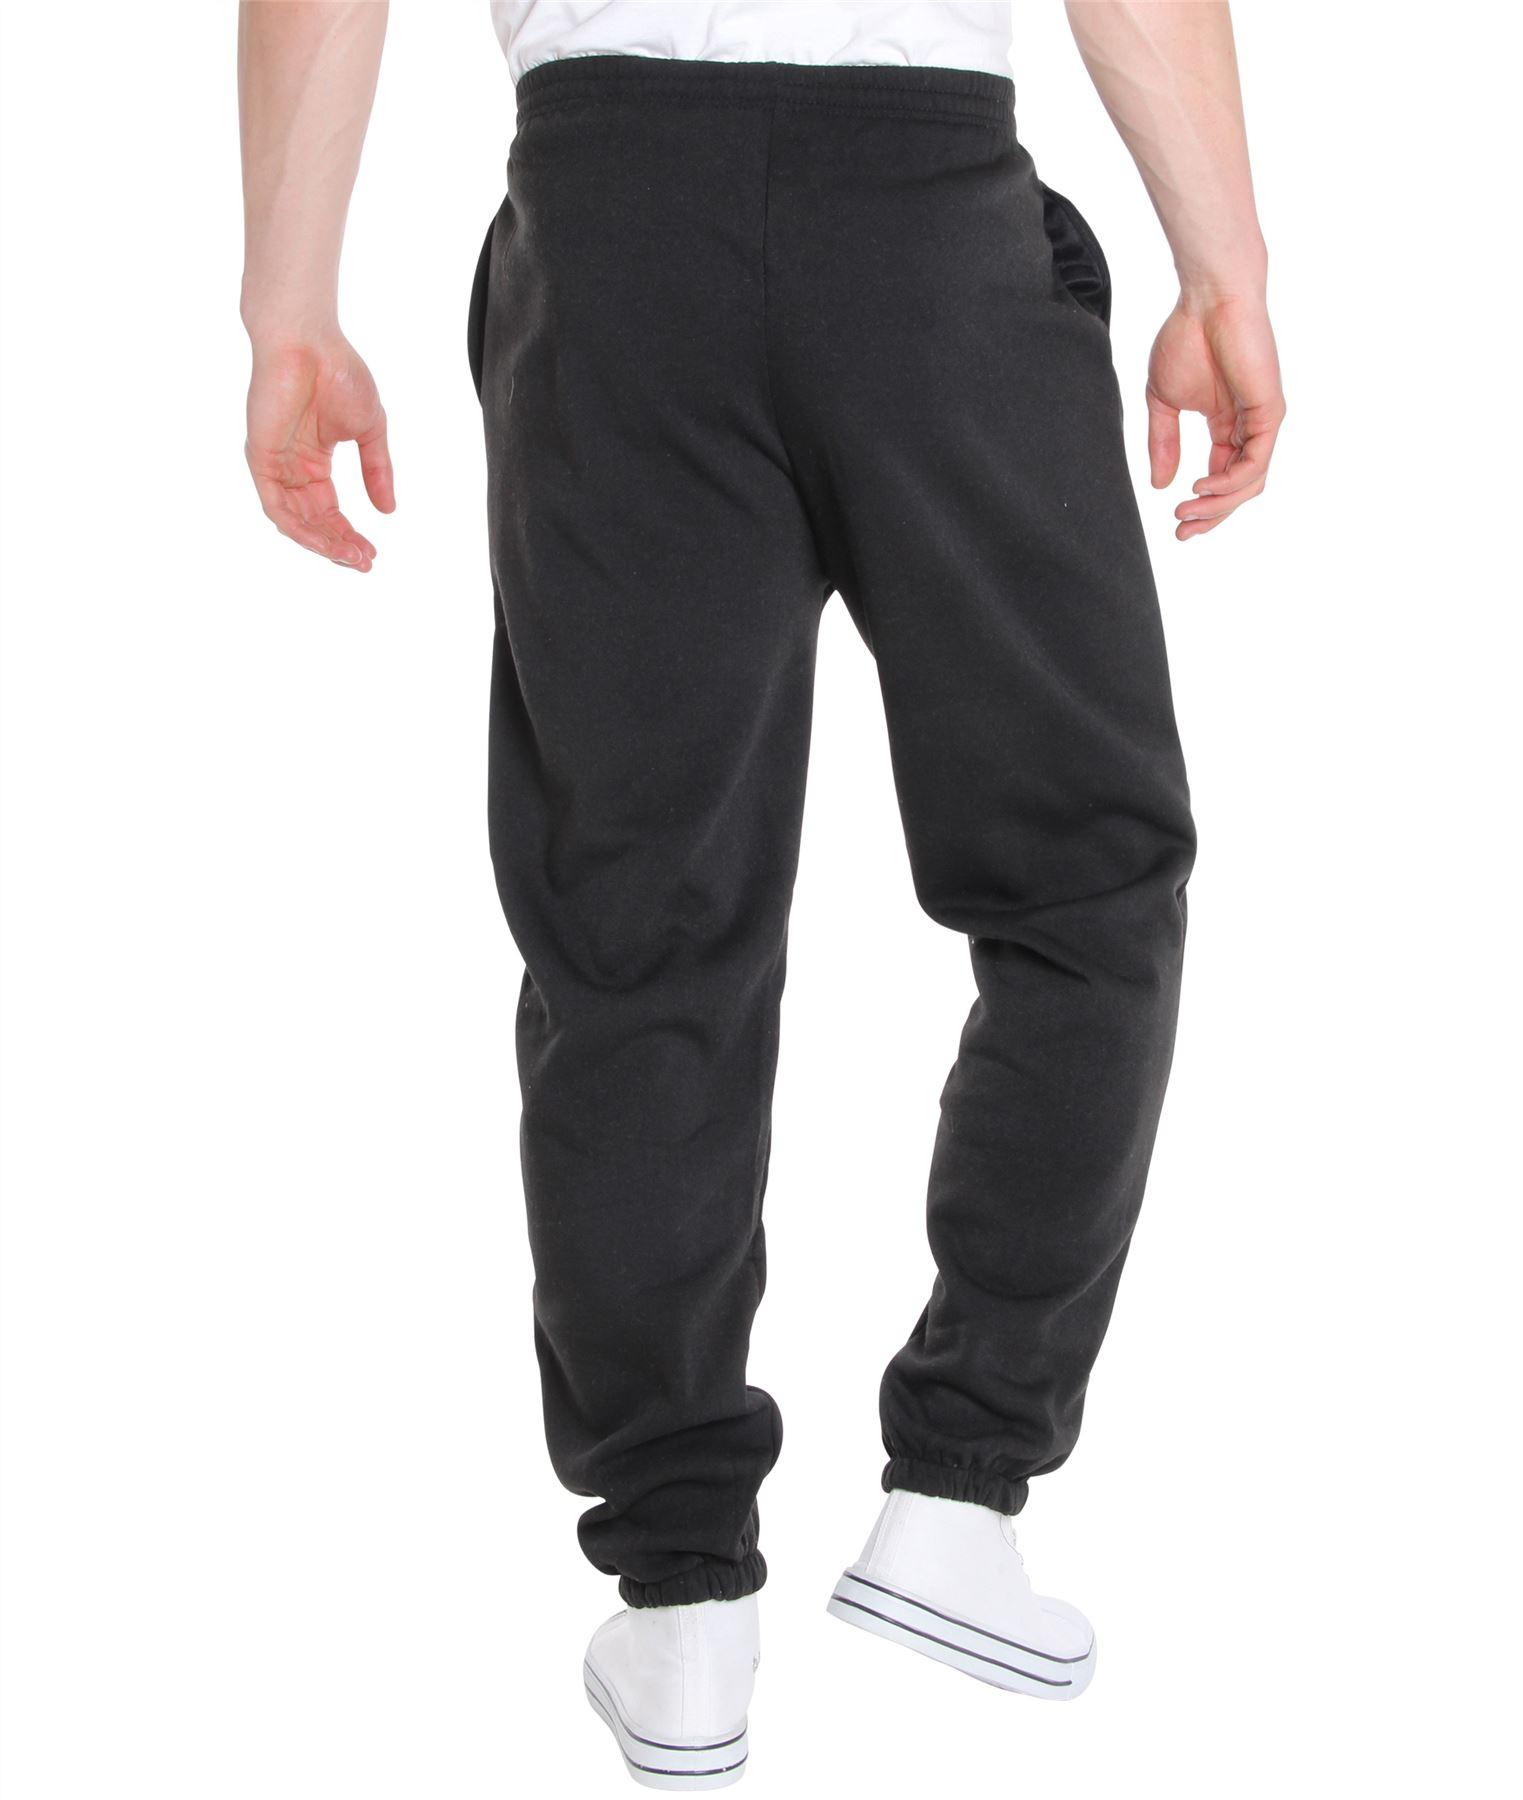 Homme-Pantalon-Double-Polaire-Survetement-Bas-Jogging-Decontracte-Sport-Gym miniature 11